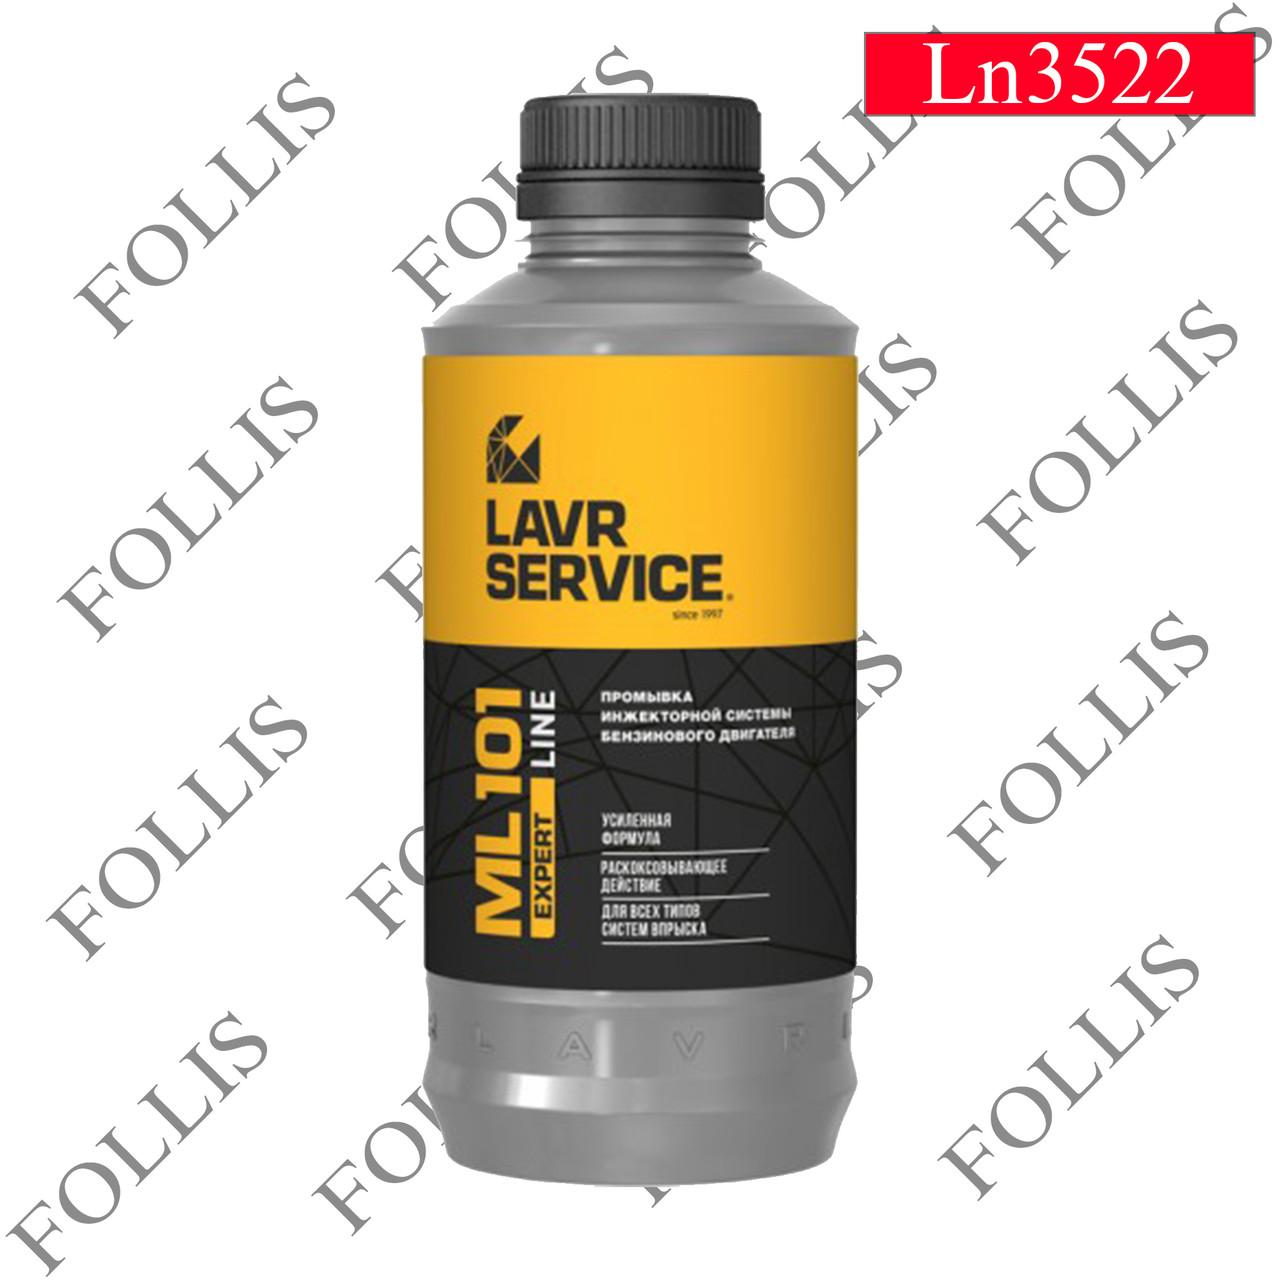 Промывка инжекторной системы бензинового двигателя ML101 EXPERT LINE, 1000мл